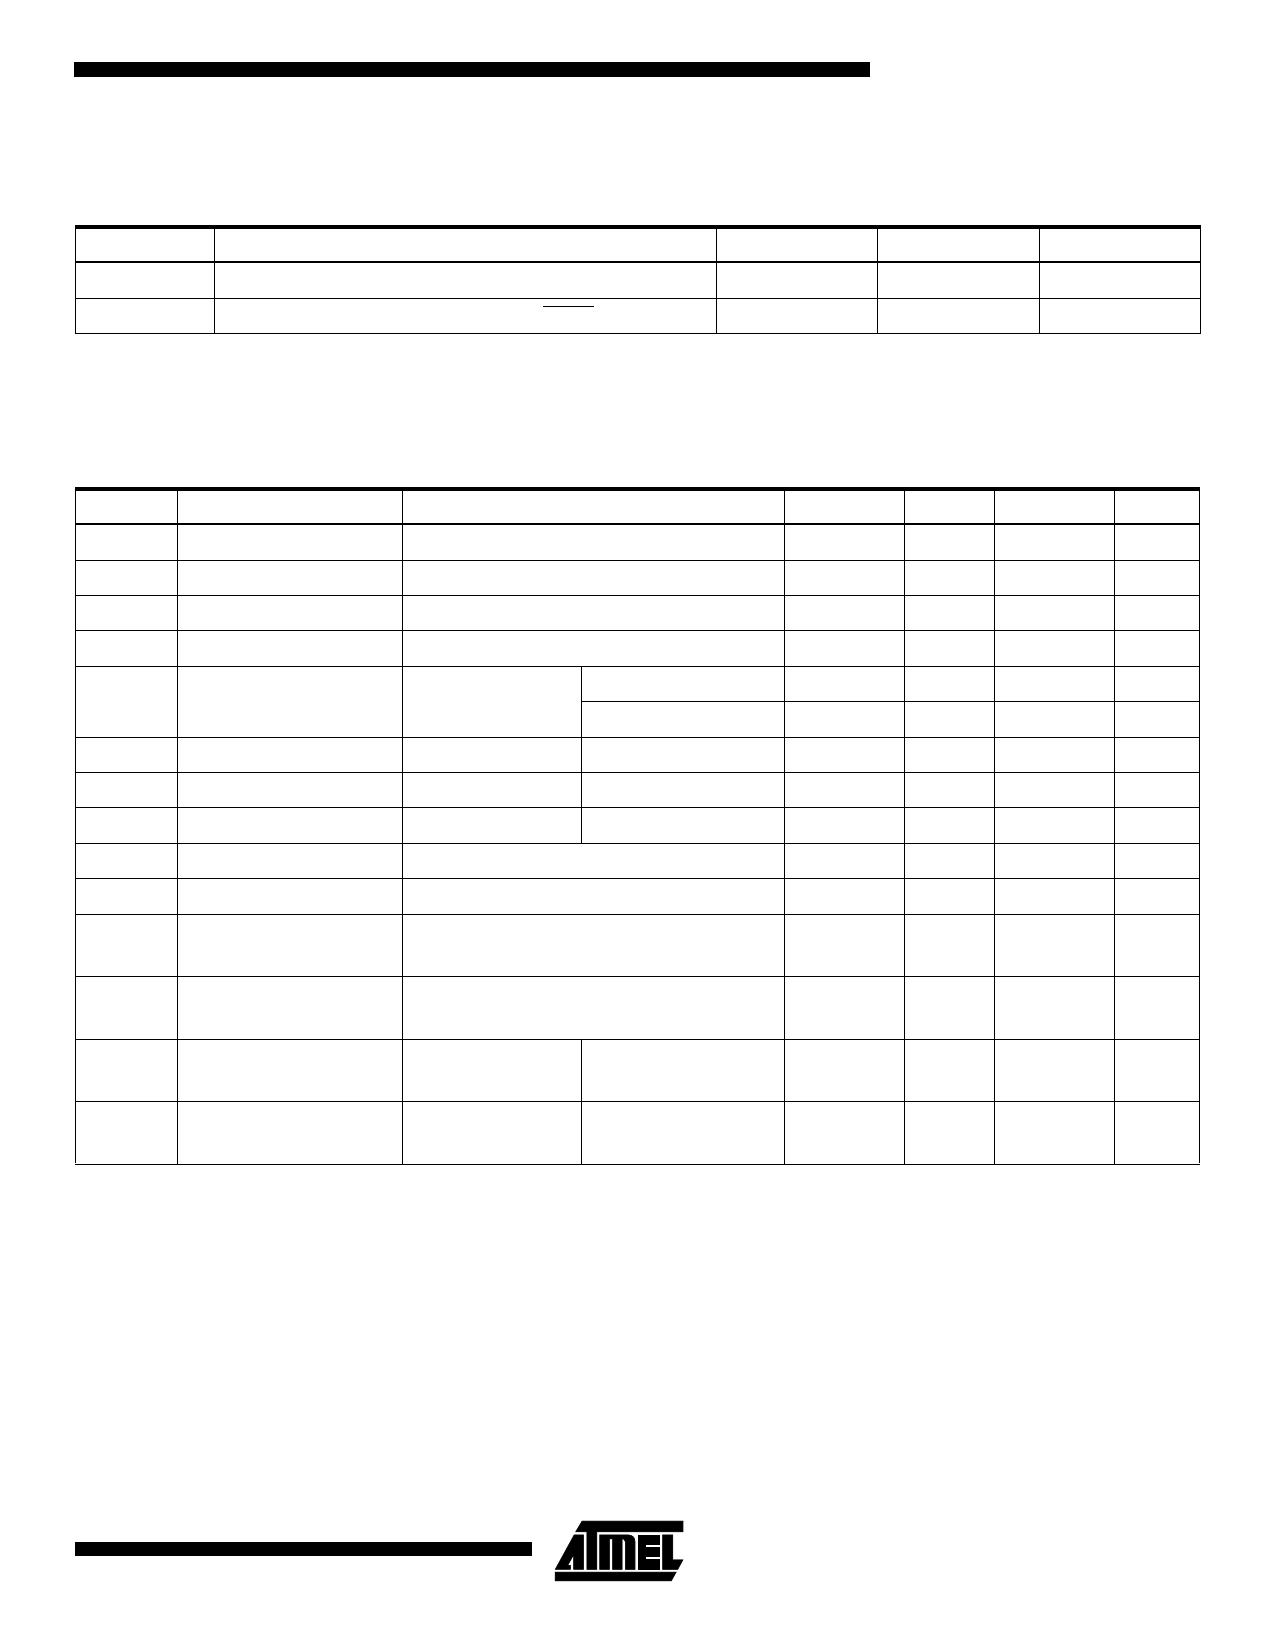 AT59C13W-10SC-2.5 pdf, ピン配列